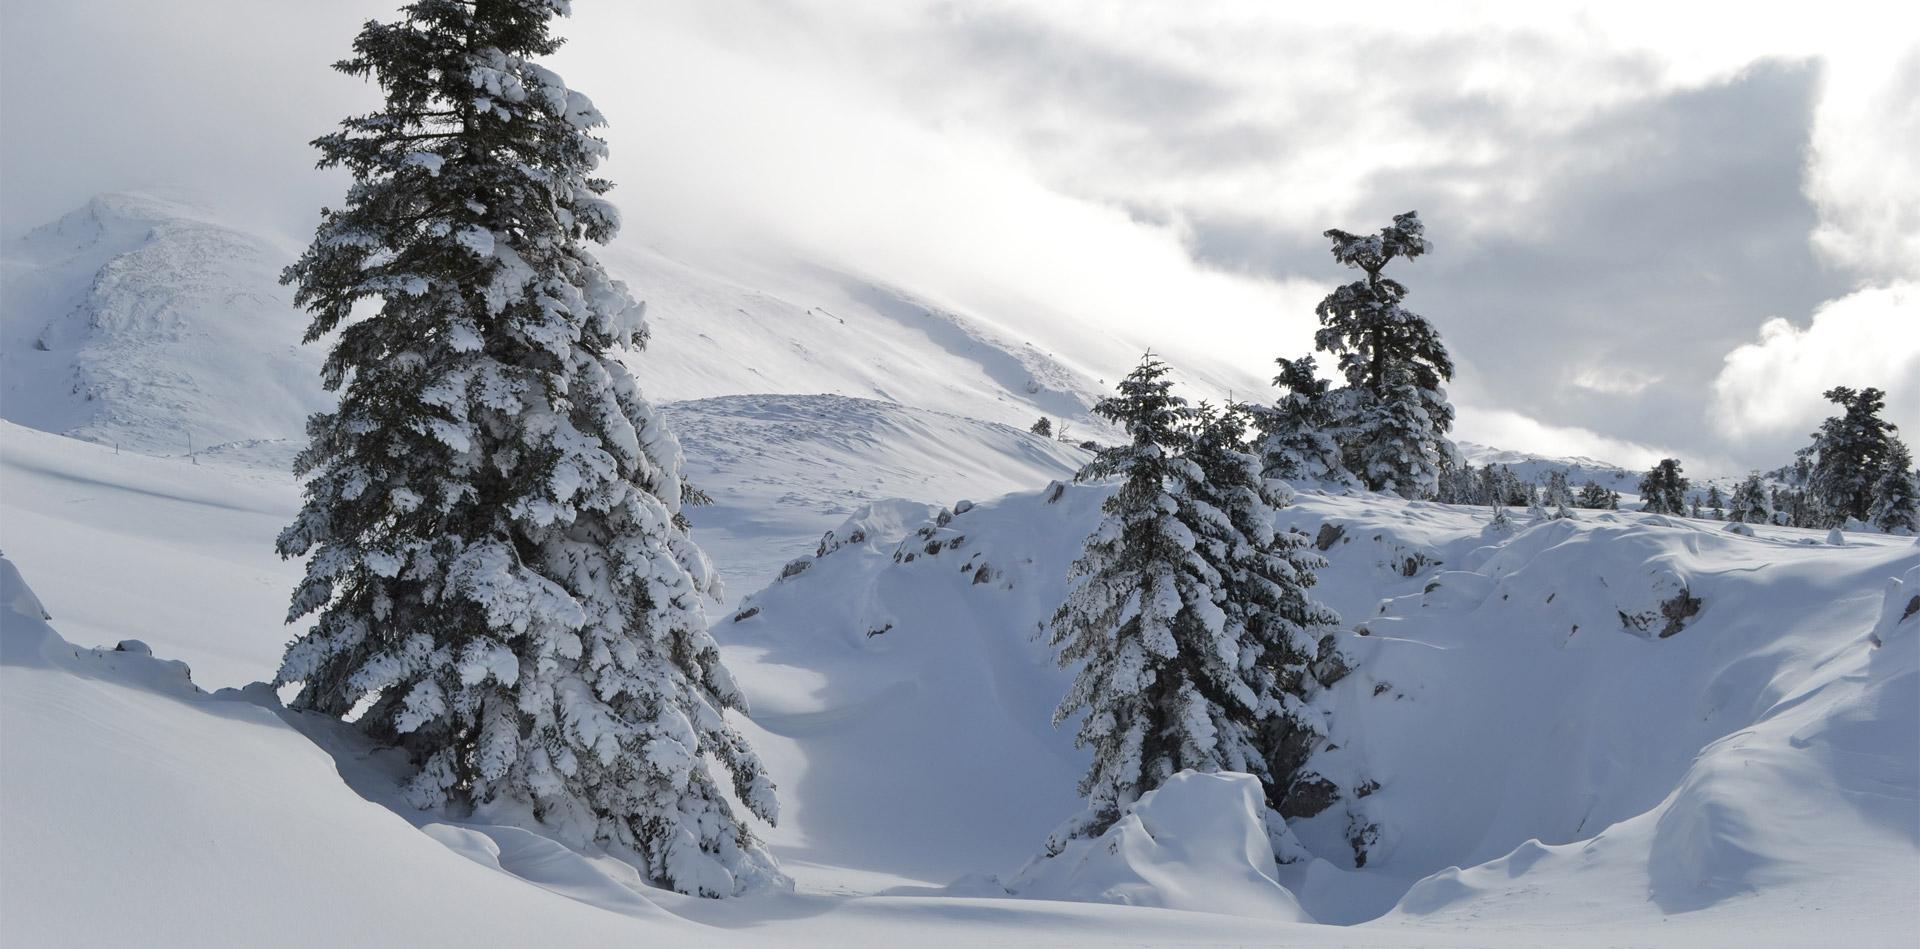 Χειμώνας στον Γεροντόβραχο, Παρνασσός (Φωτο: Γιάννης Κωστελίδης)